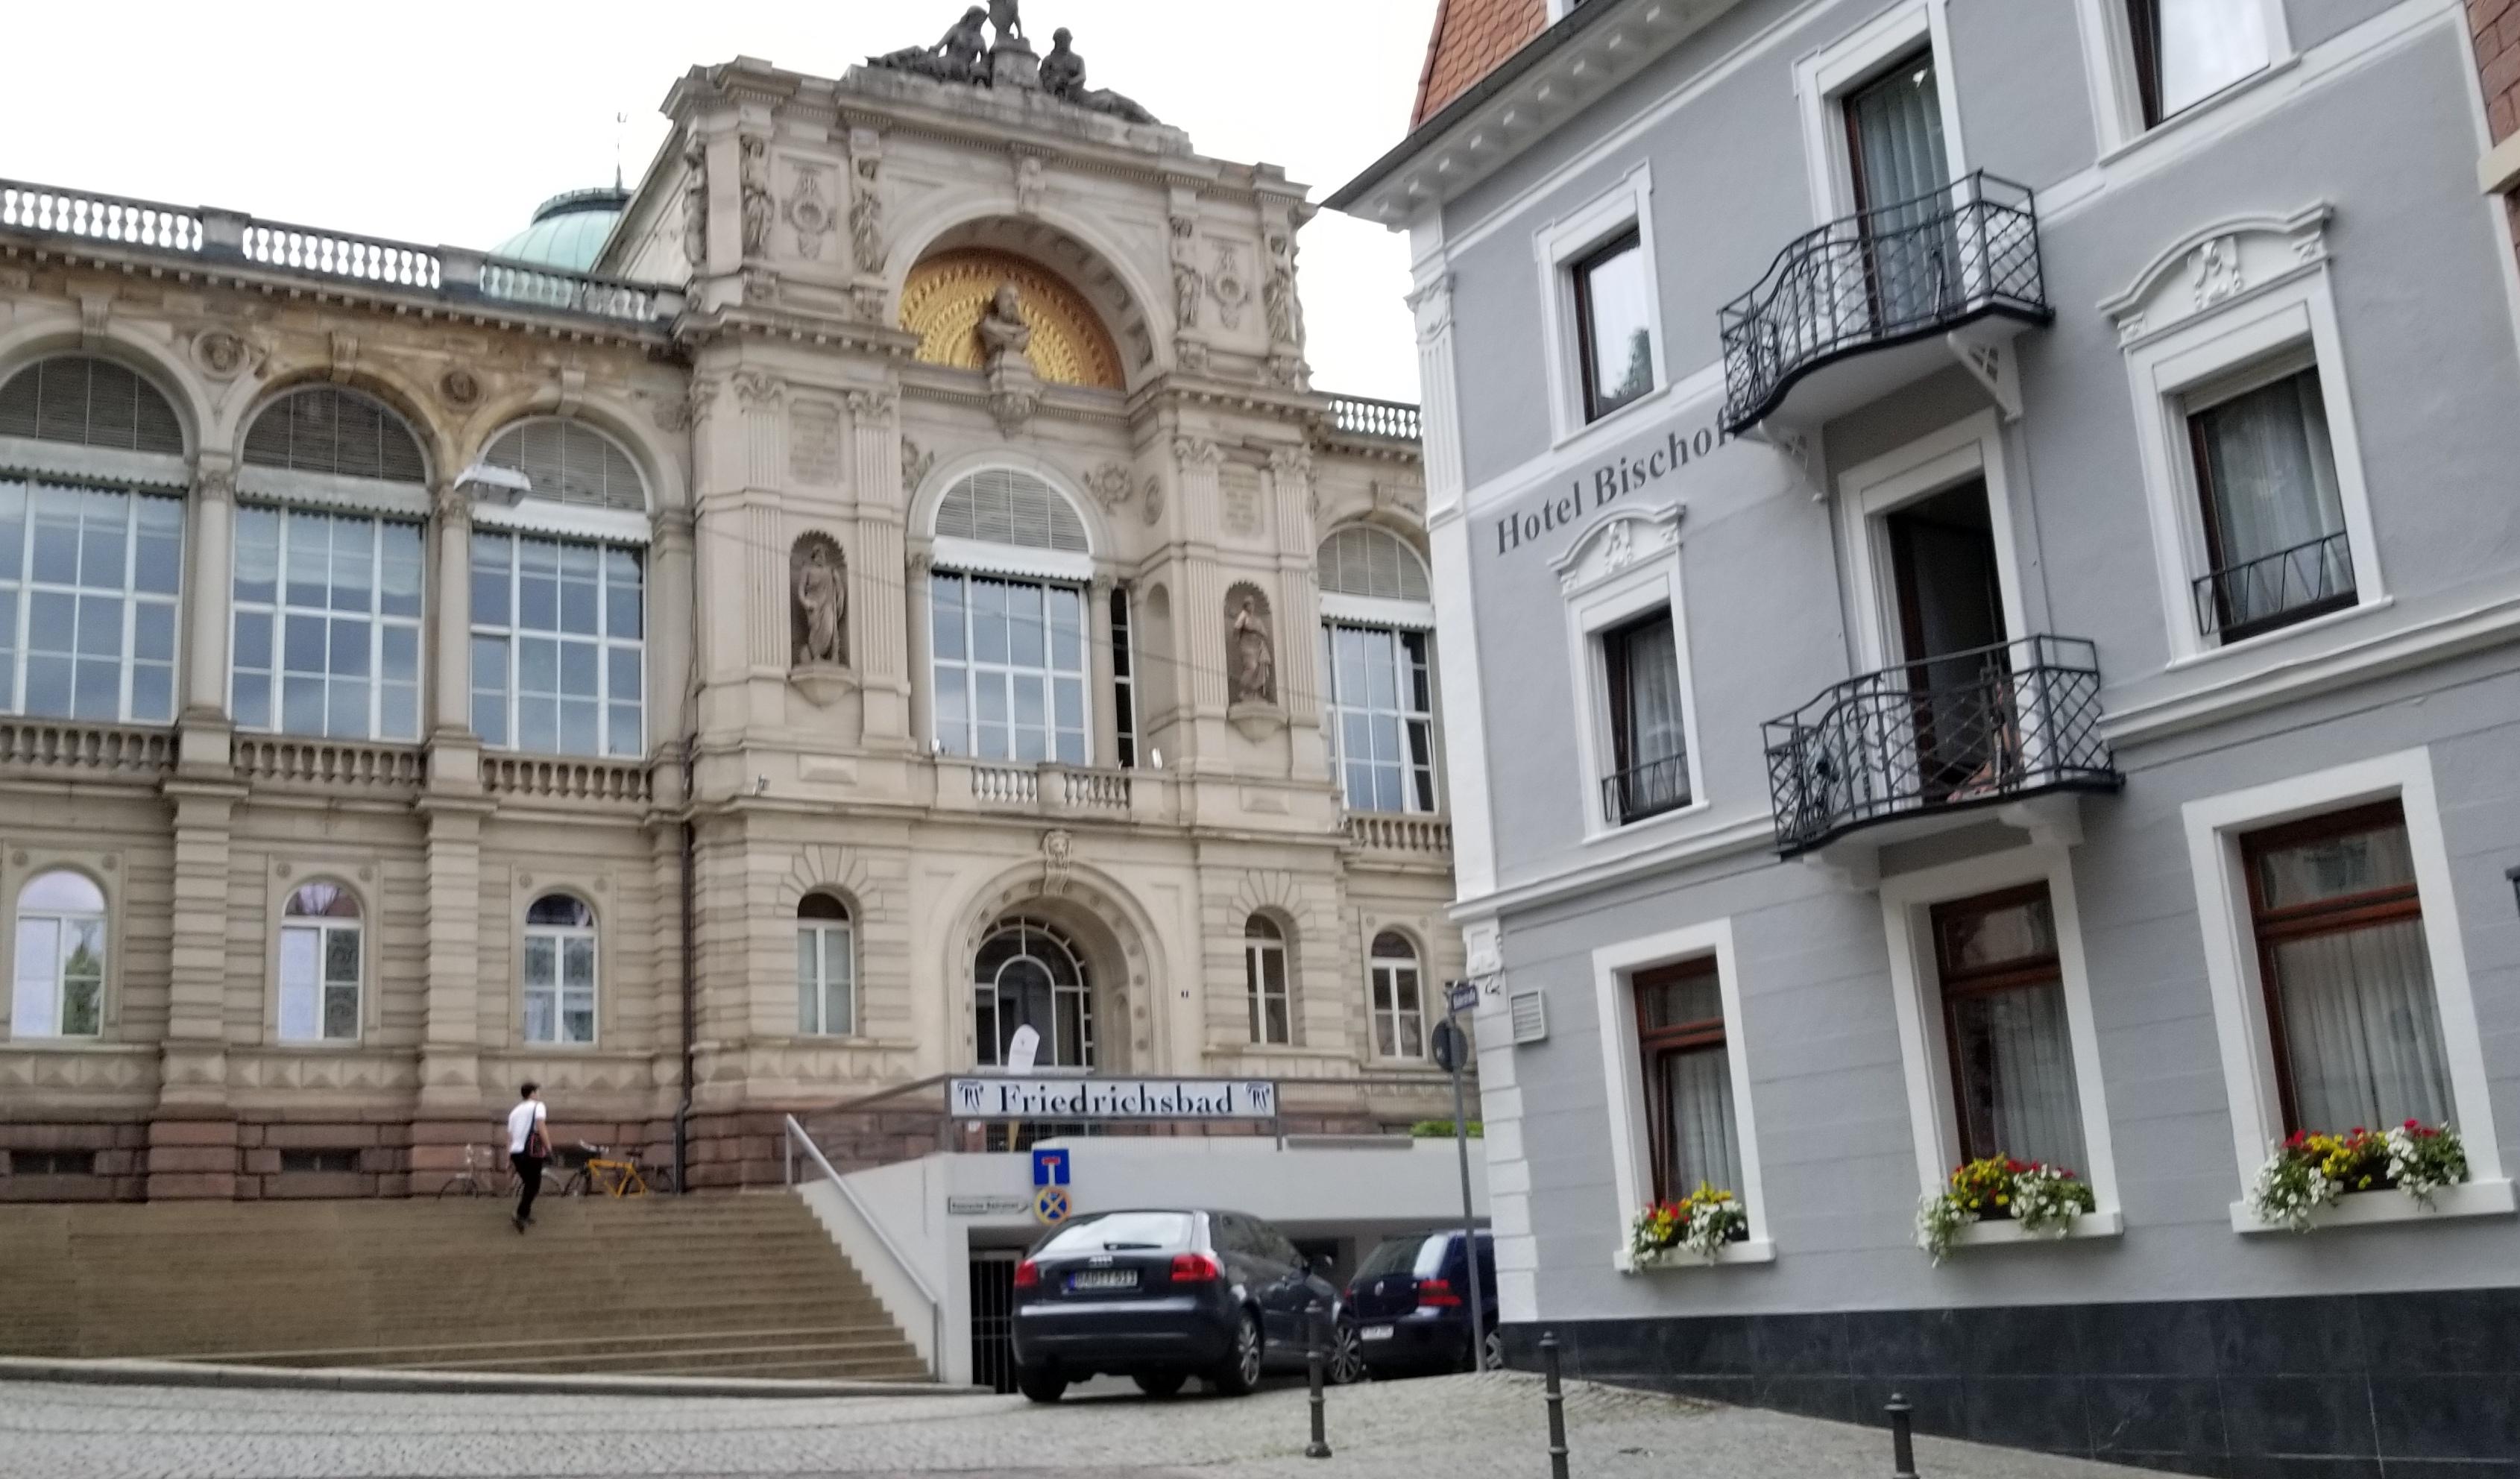 palatial 19th-century Friedrichsbad public bath